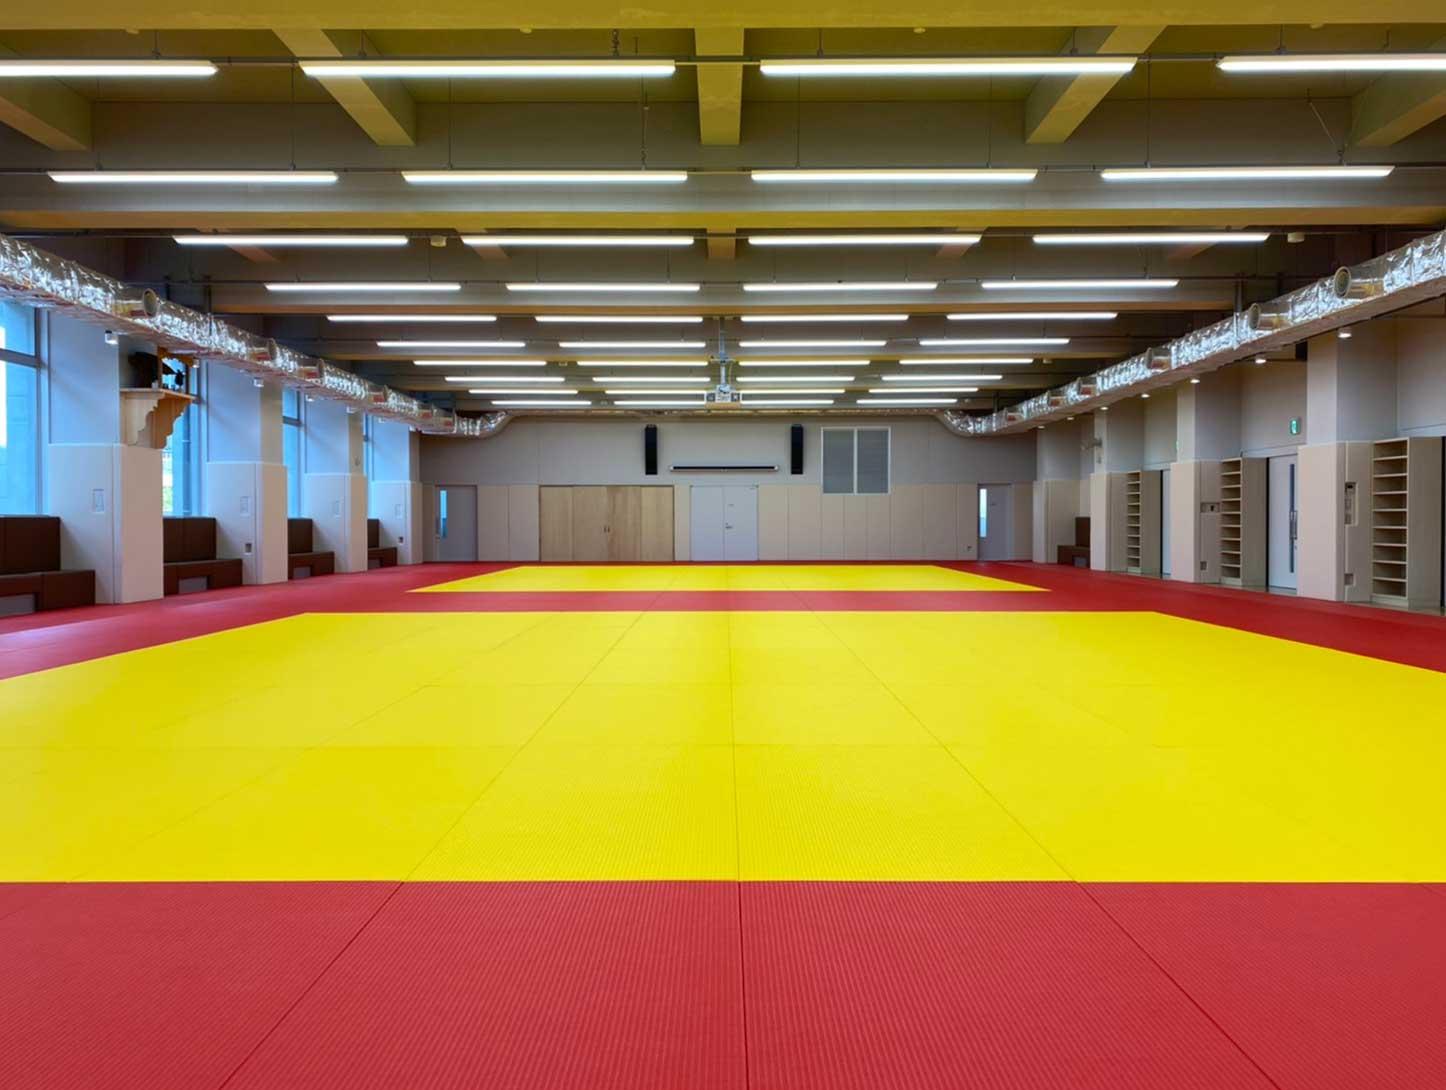 國學院大學たまプラーザ柔道場の柔道畳